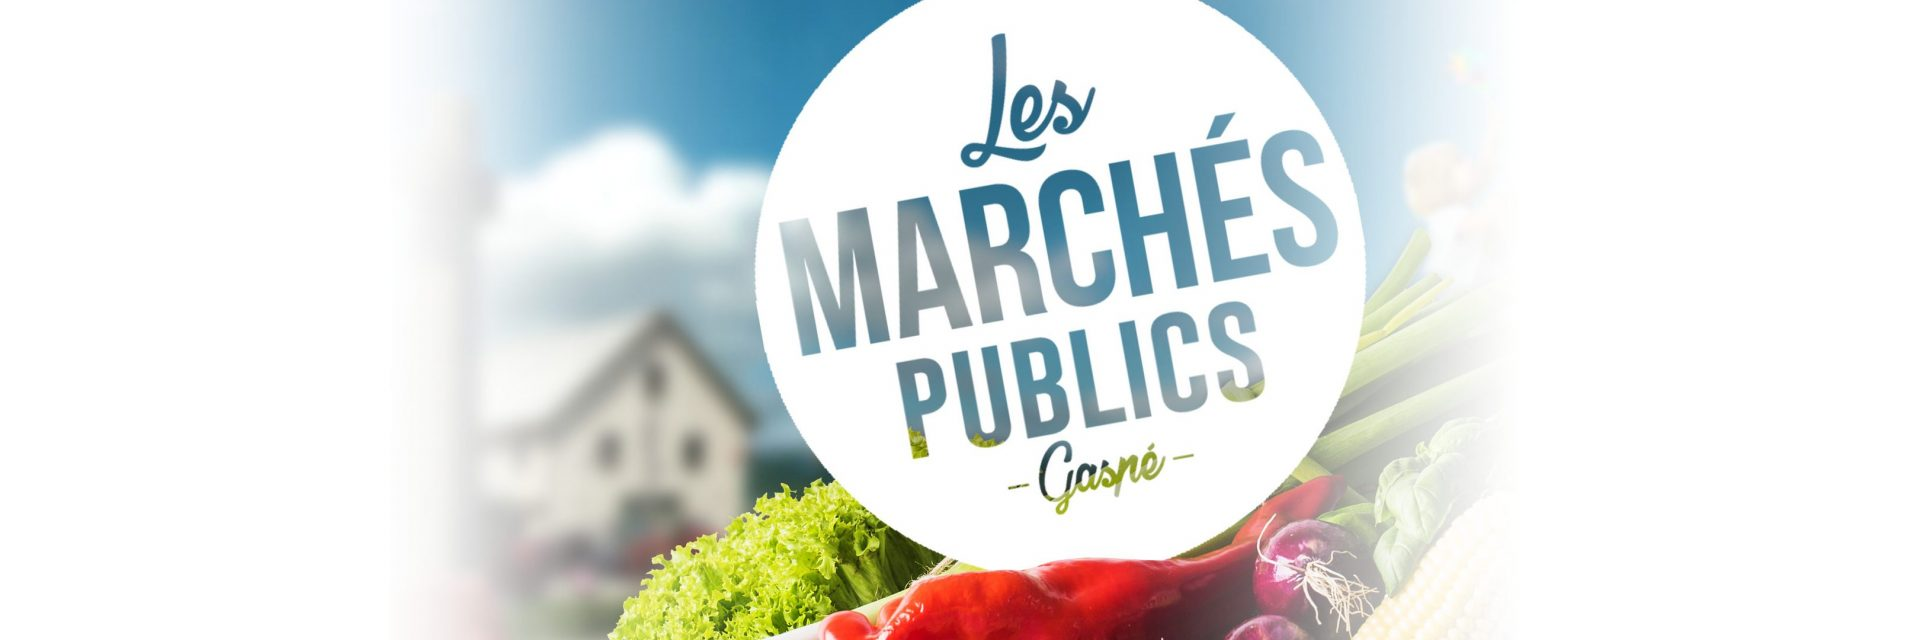 Les Marchés publics de Gaspé, un rendez-vous à ne pas manquer!